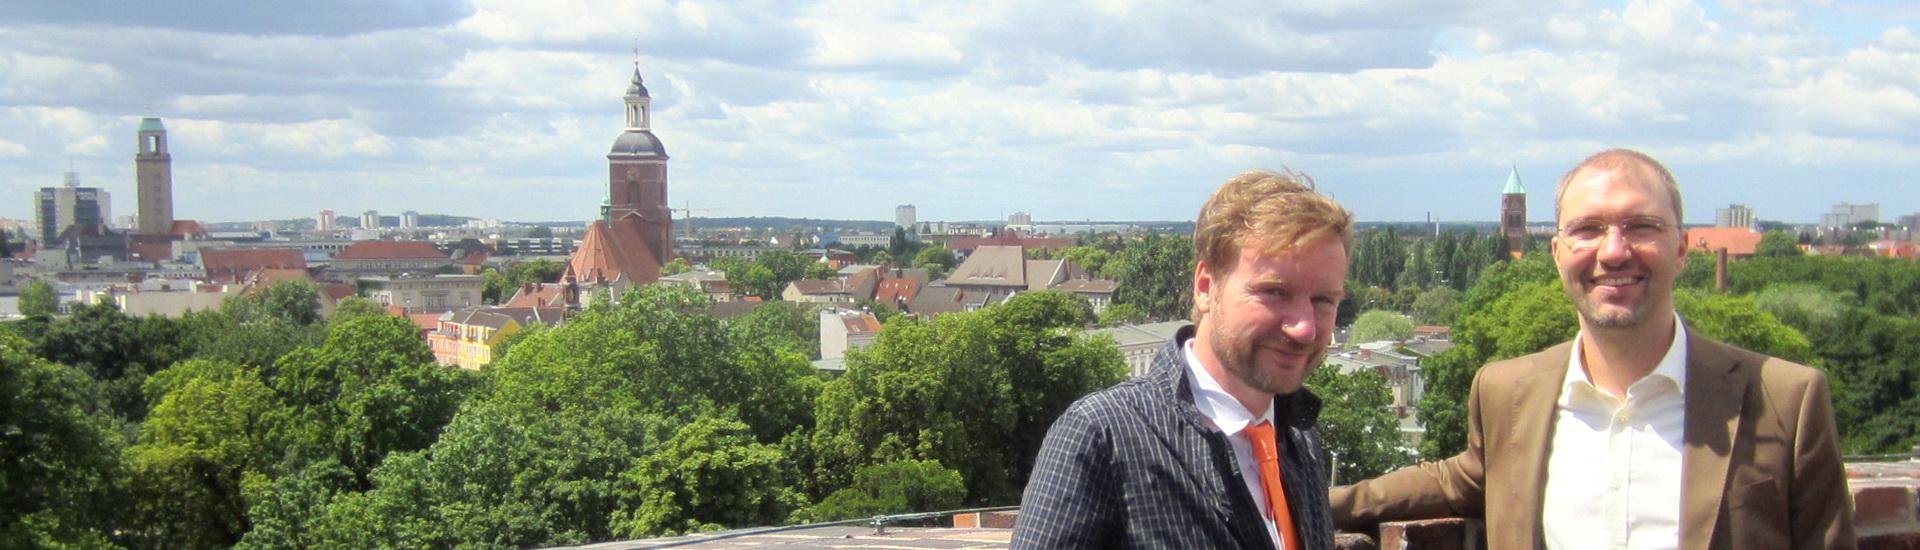 Kultur-Staatssekretär Tim Renner und Daniel Buchholz SPD auf der Spandauer Zitadelle mit Blick über die Havelstadt